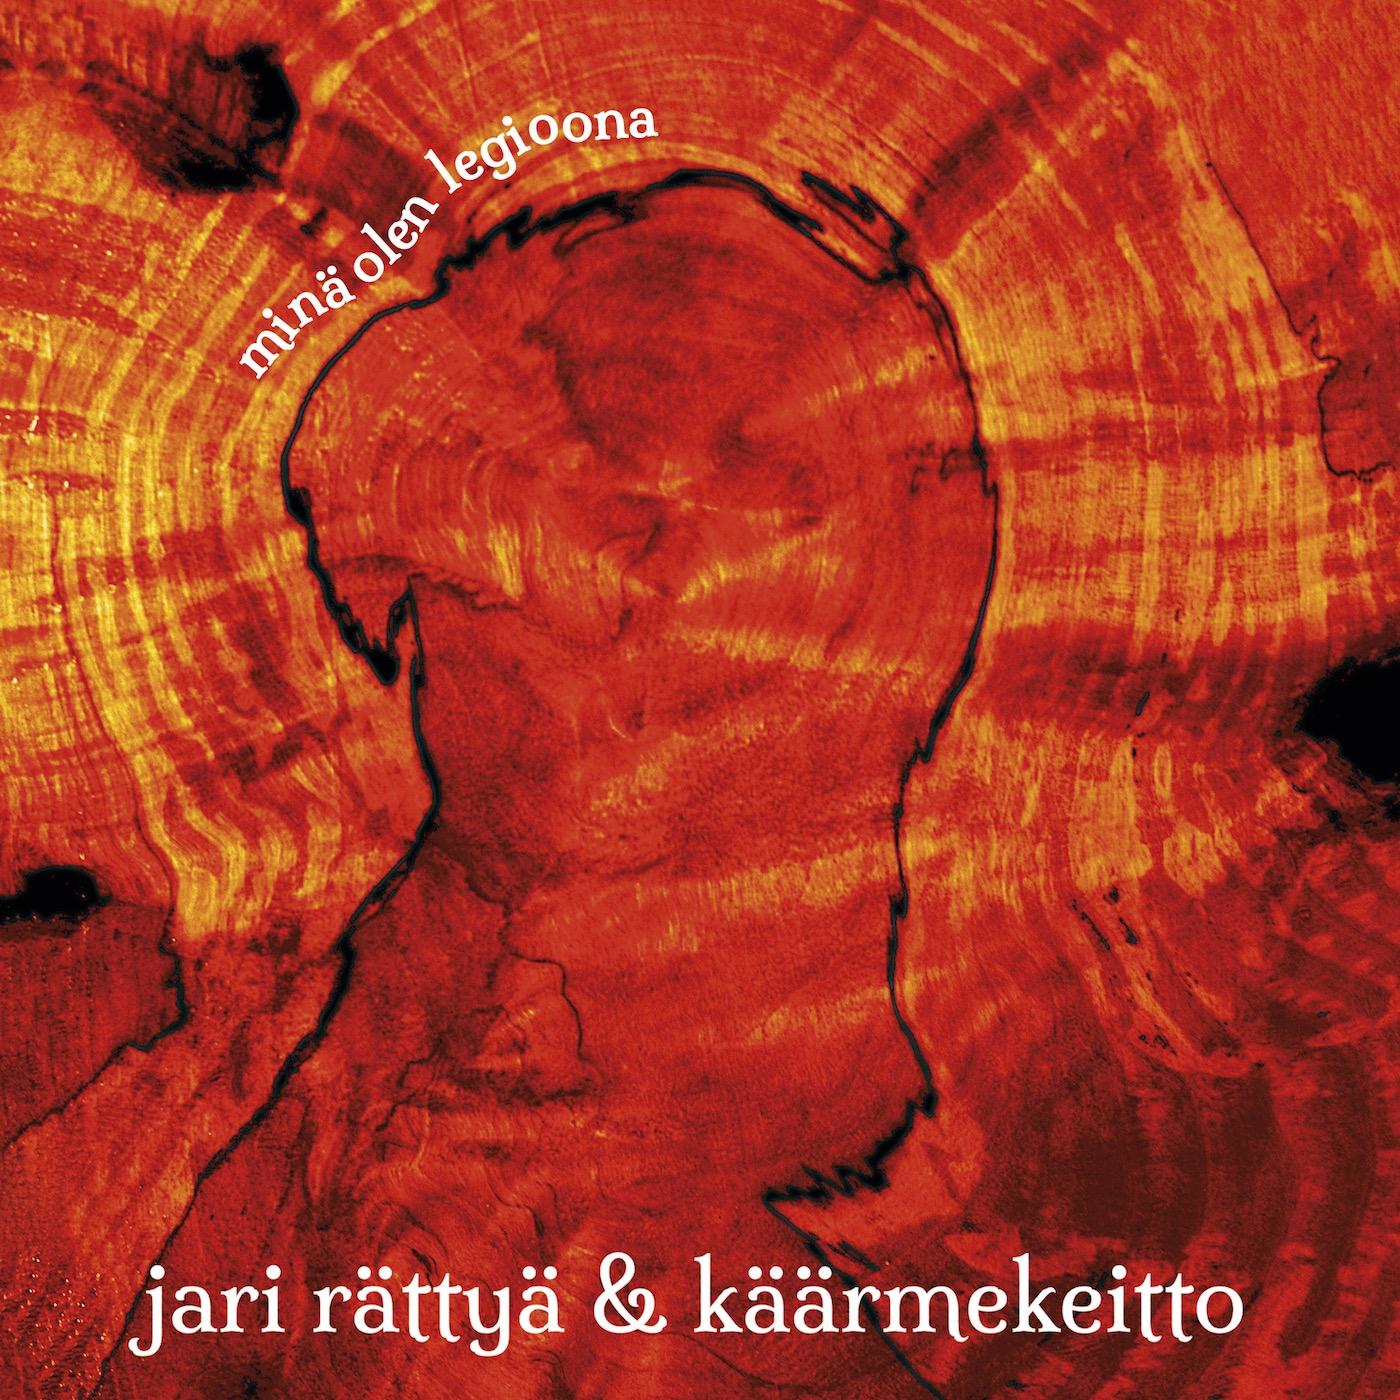 Jari Rättyä & Käärmekeitto: MINÄ OLEN LEGIOONA